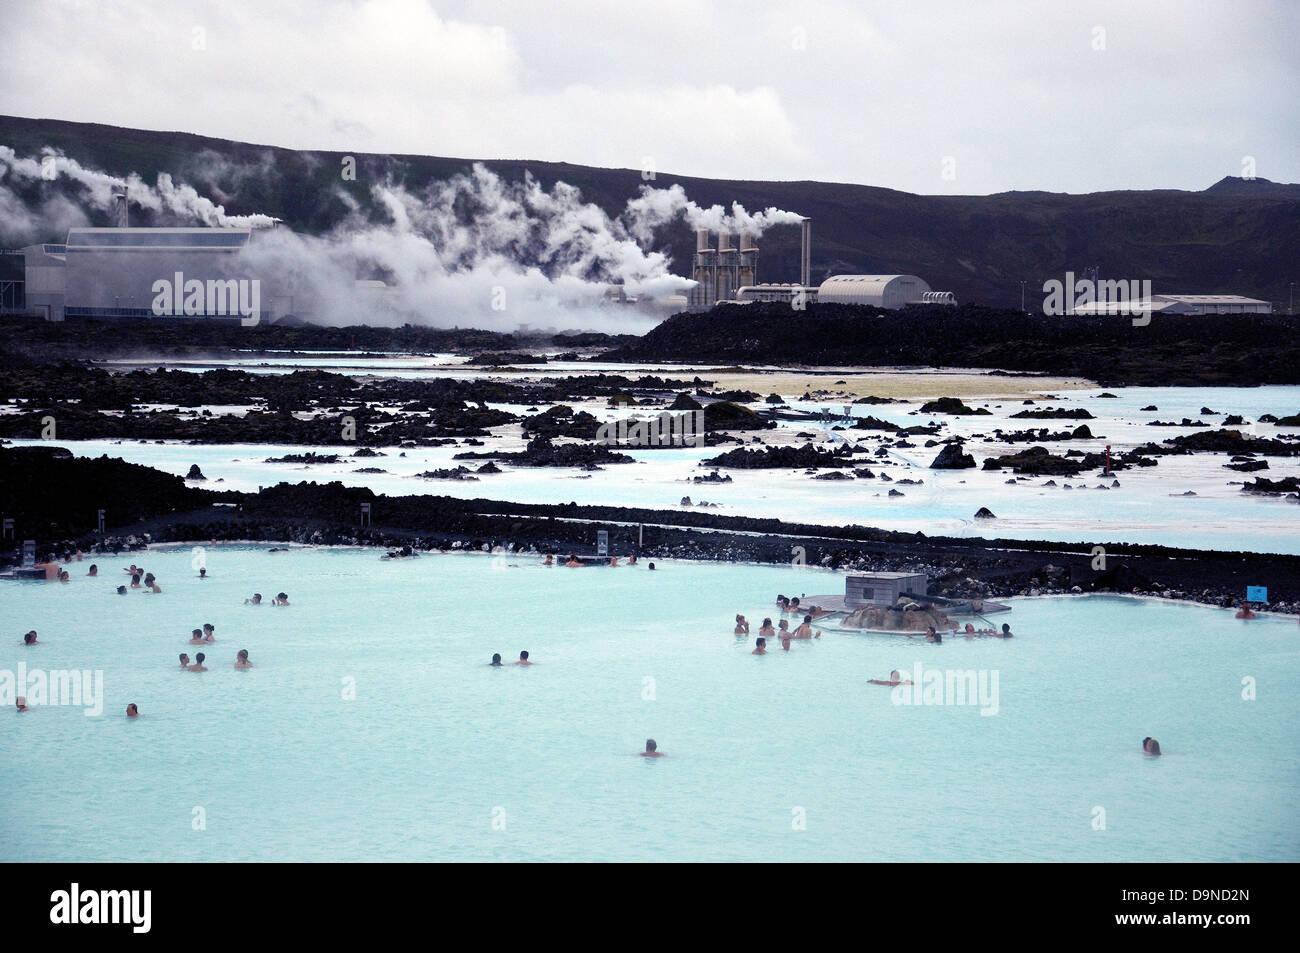 Islanda famosa laguna blu, popolare piscina lago in primo piano, l'Svartsengi energia geotermica impianto posteriore Immagini Stock